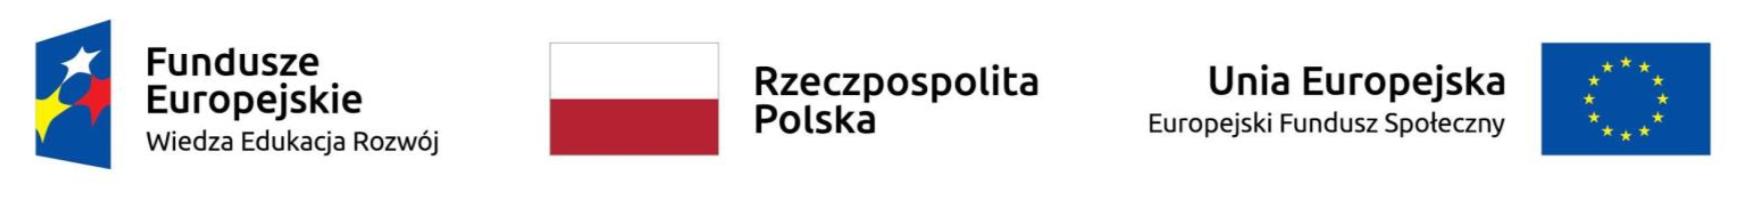 Logo: Fundusze Europejskie - Wiedza Edukacja Rozwój; Rzeczpospolita Polska; Unia Europejska - Europejski Fundusz Społeczny